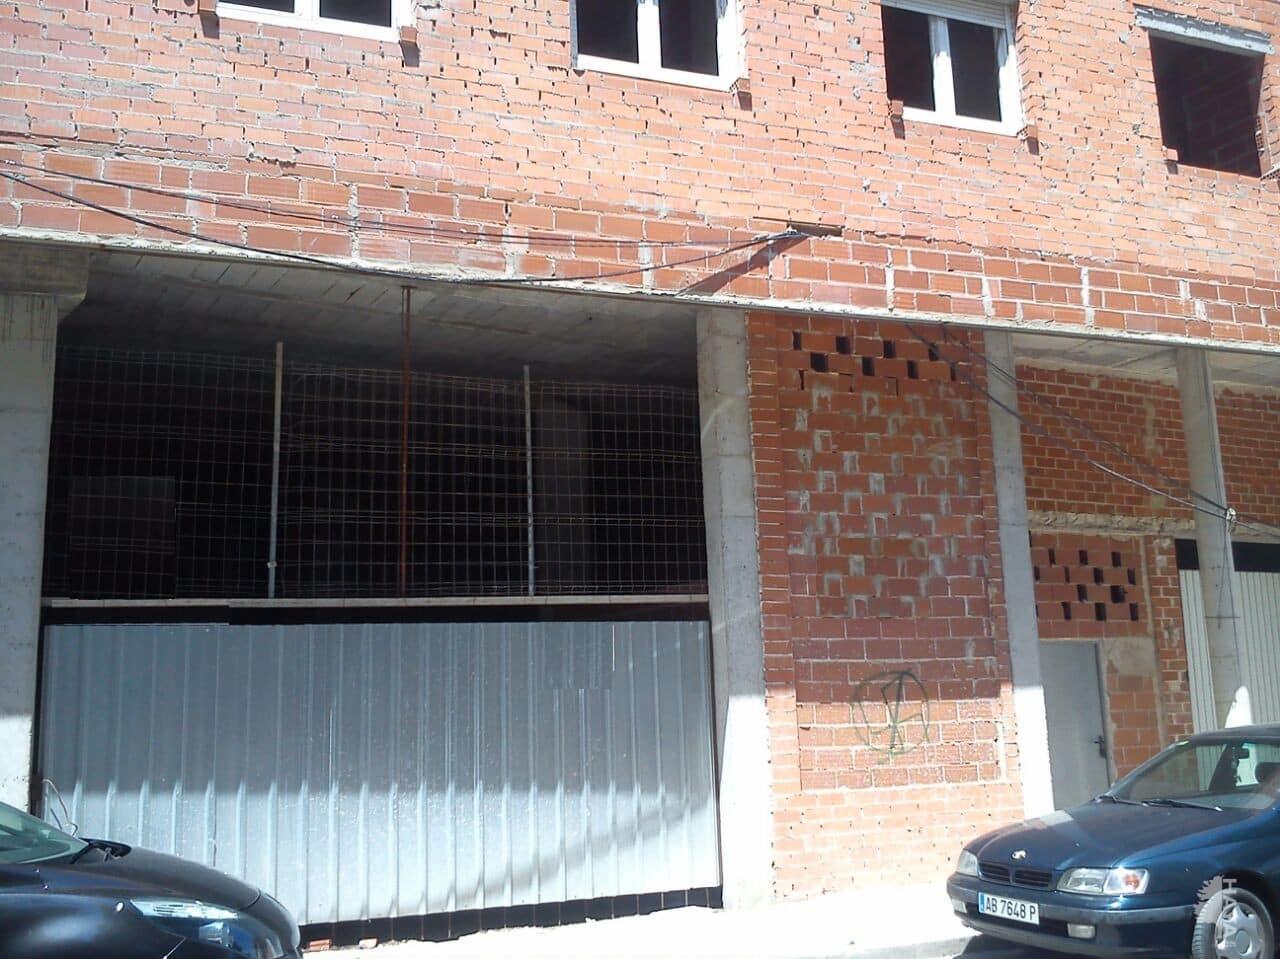 Piso en venta en La Roda, la Roda, Albacete, Calle Juan Garcia Glz, 37.000 €, 1 habitación, 1 baño, 85 m2